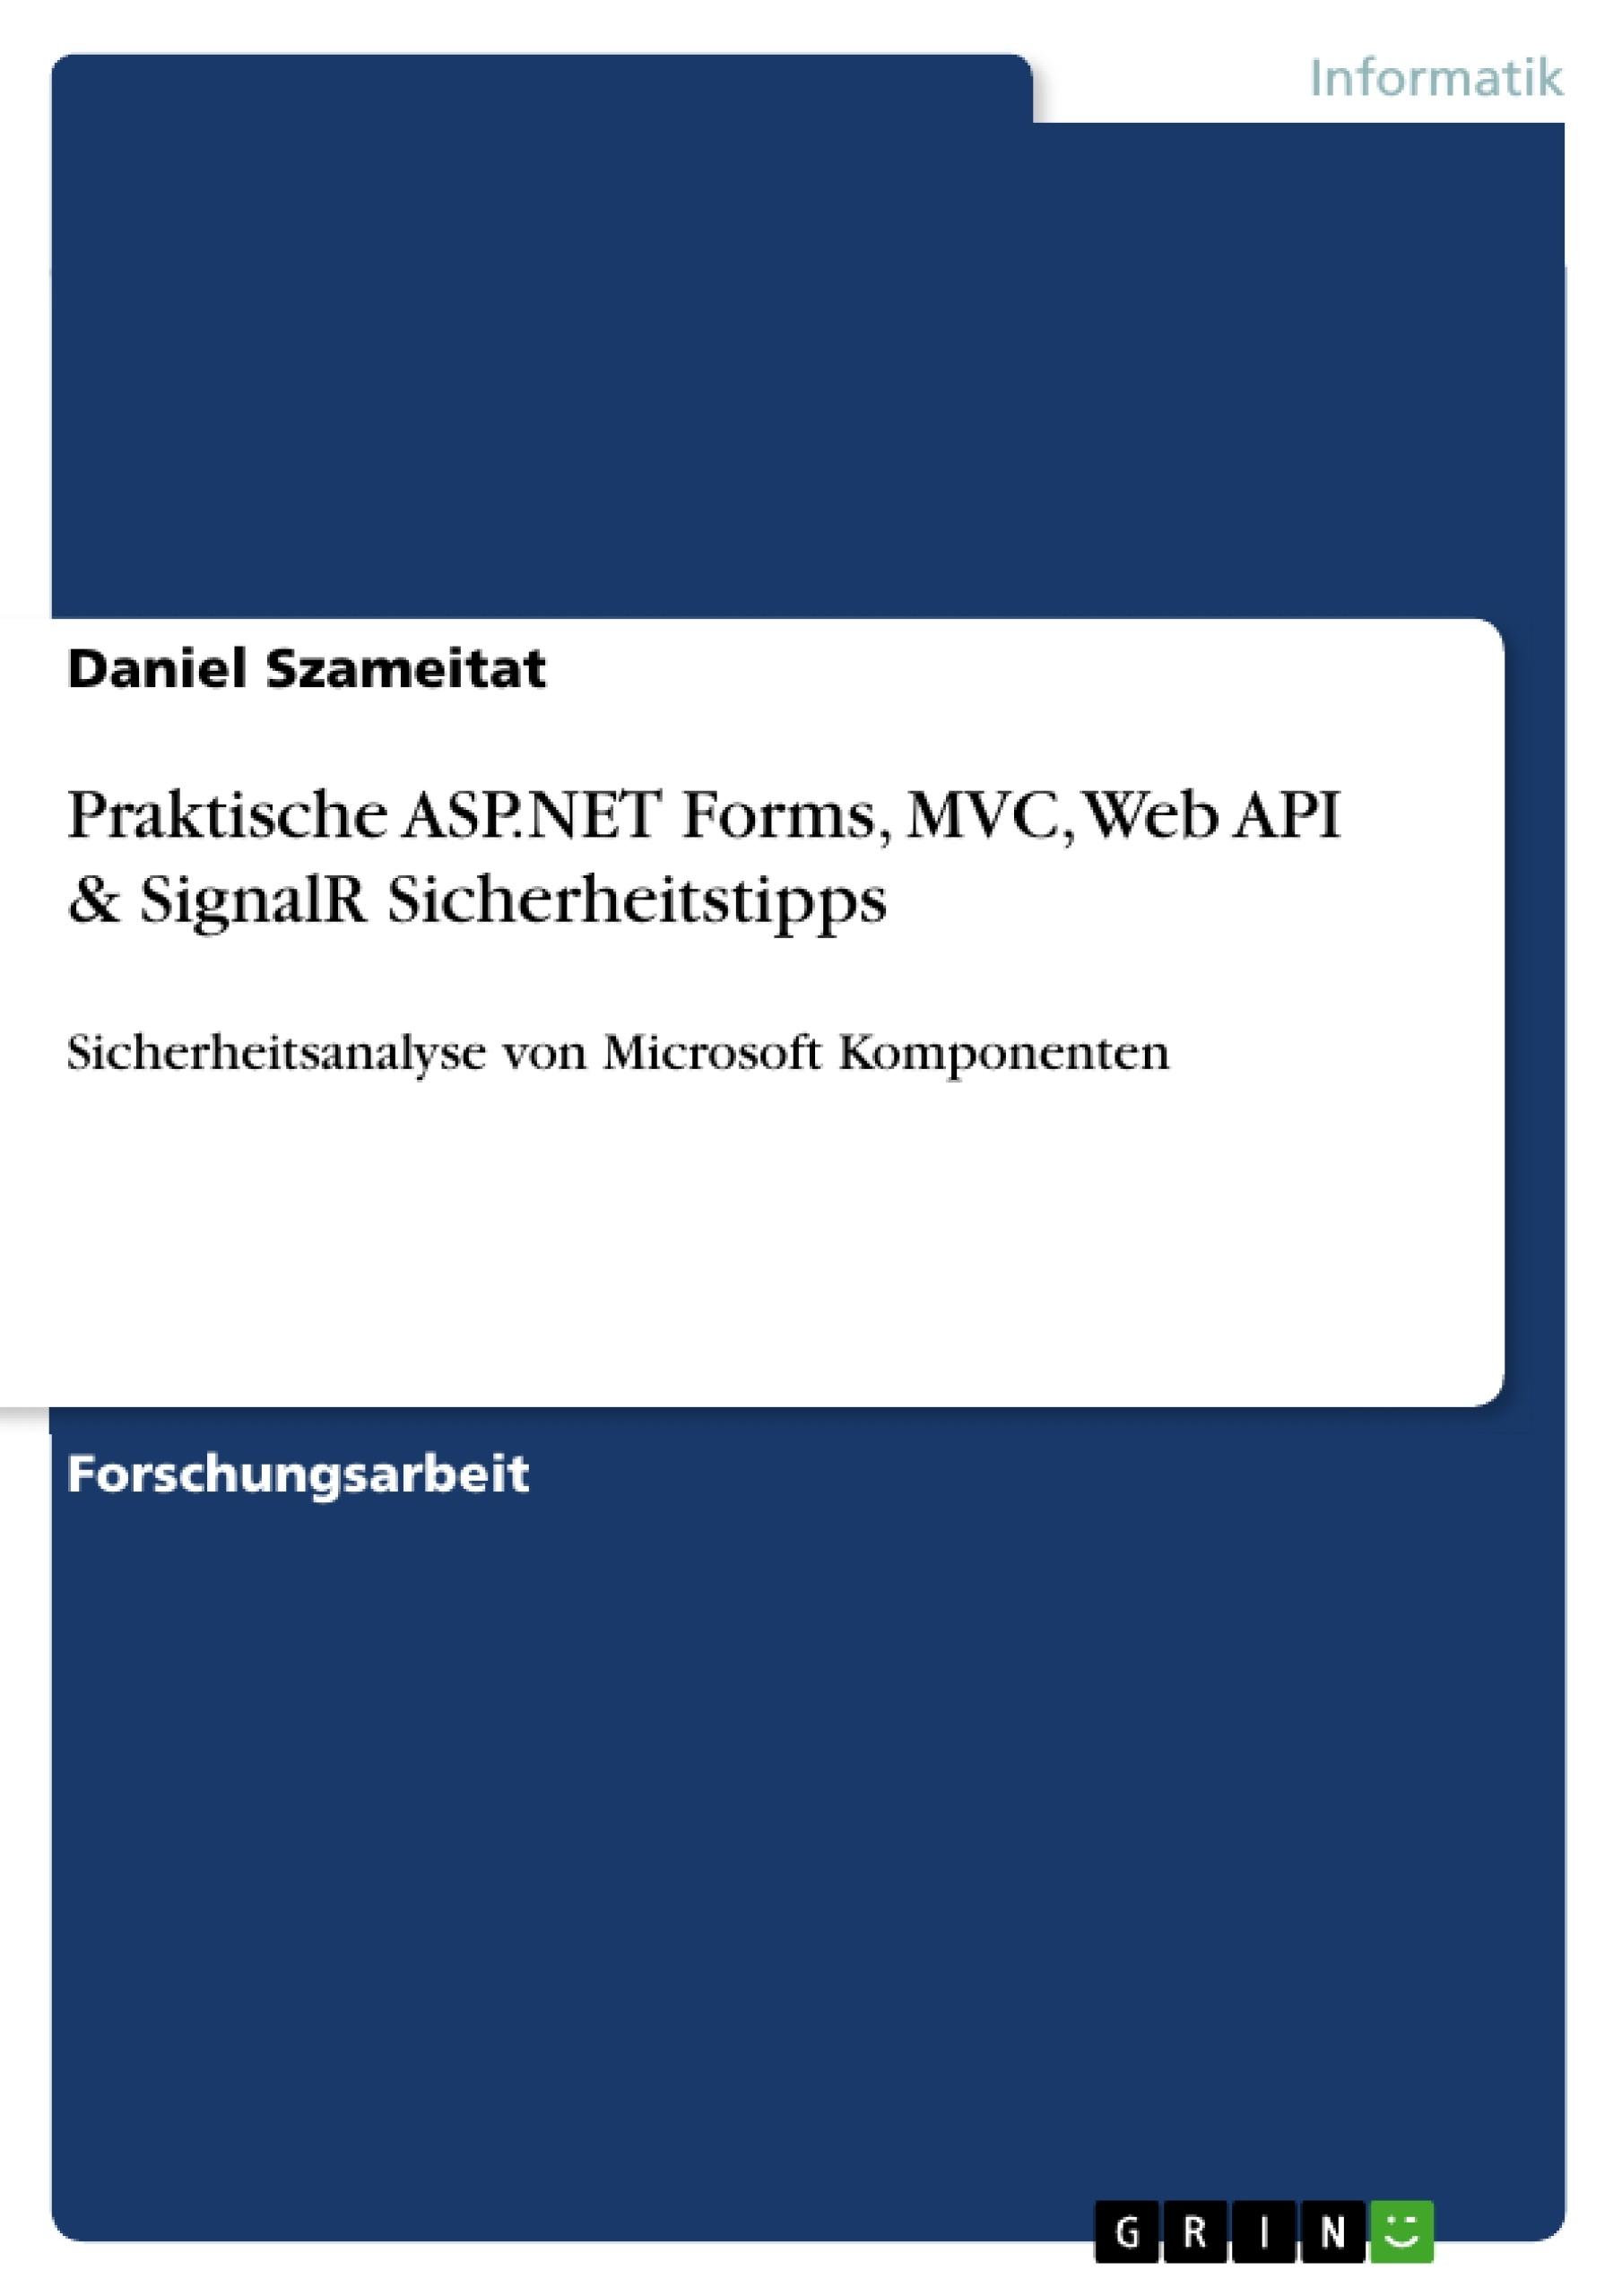 Titel: Praktische ASP.NET Forms, MVC, Web API & SignalR Sicherheitstipps